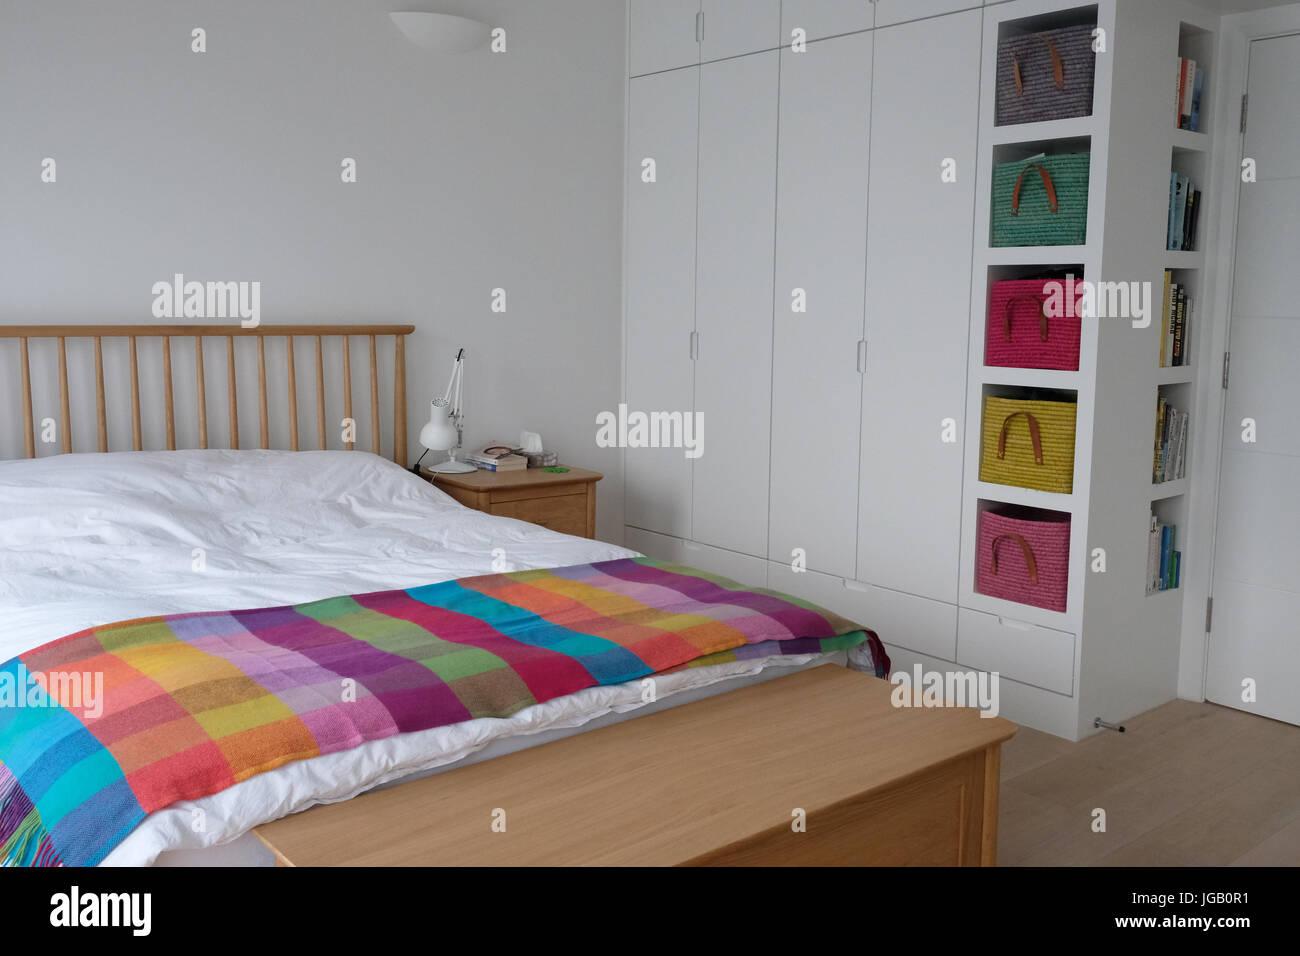 Modernes Schlafzimmer, scandi Dekor Stockfoto, Bild: 147759557 - Alamy